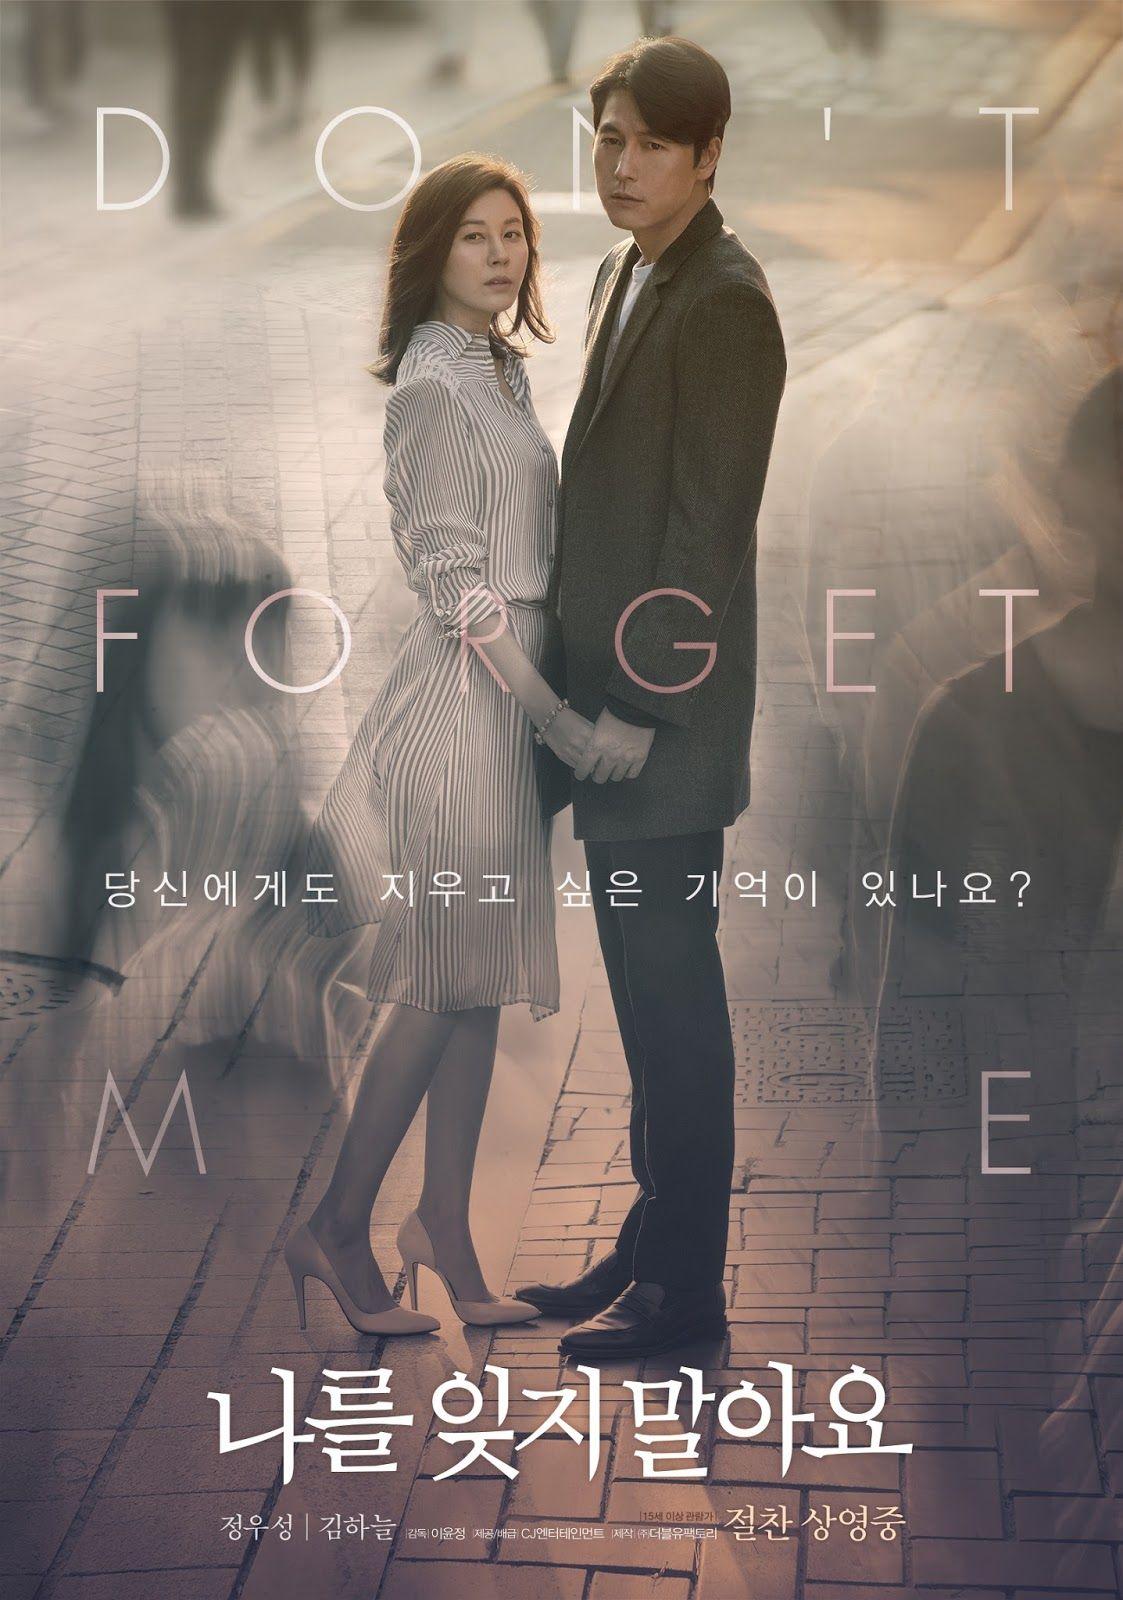 Nonton film korea sub indonesia online dating